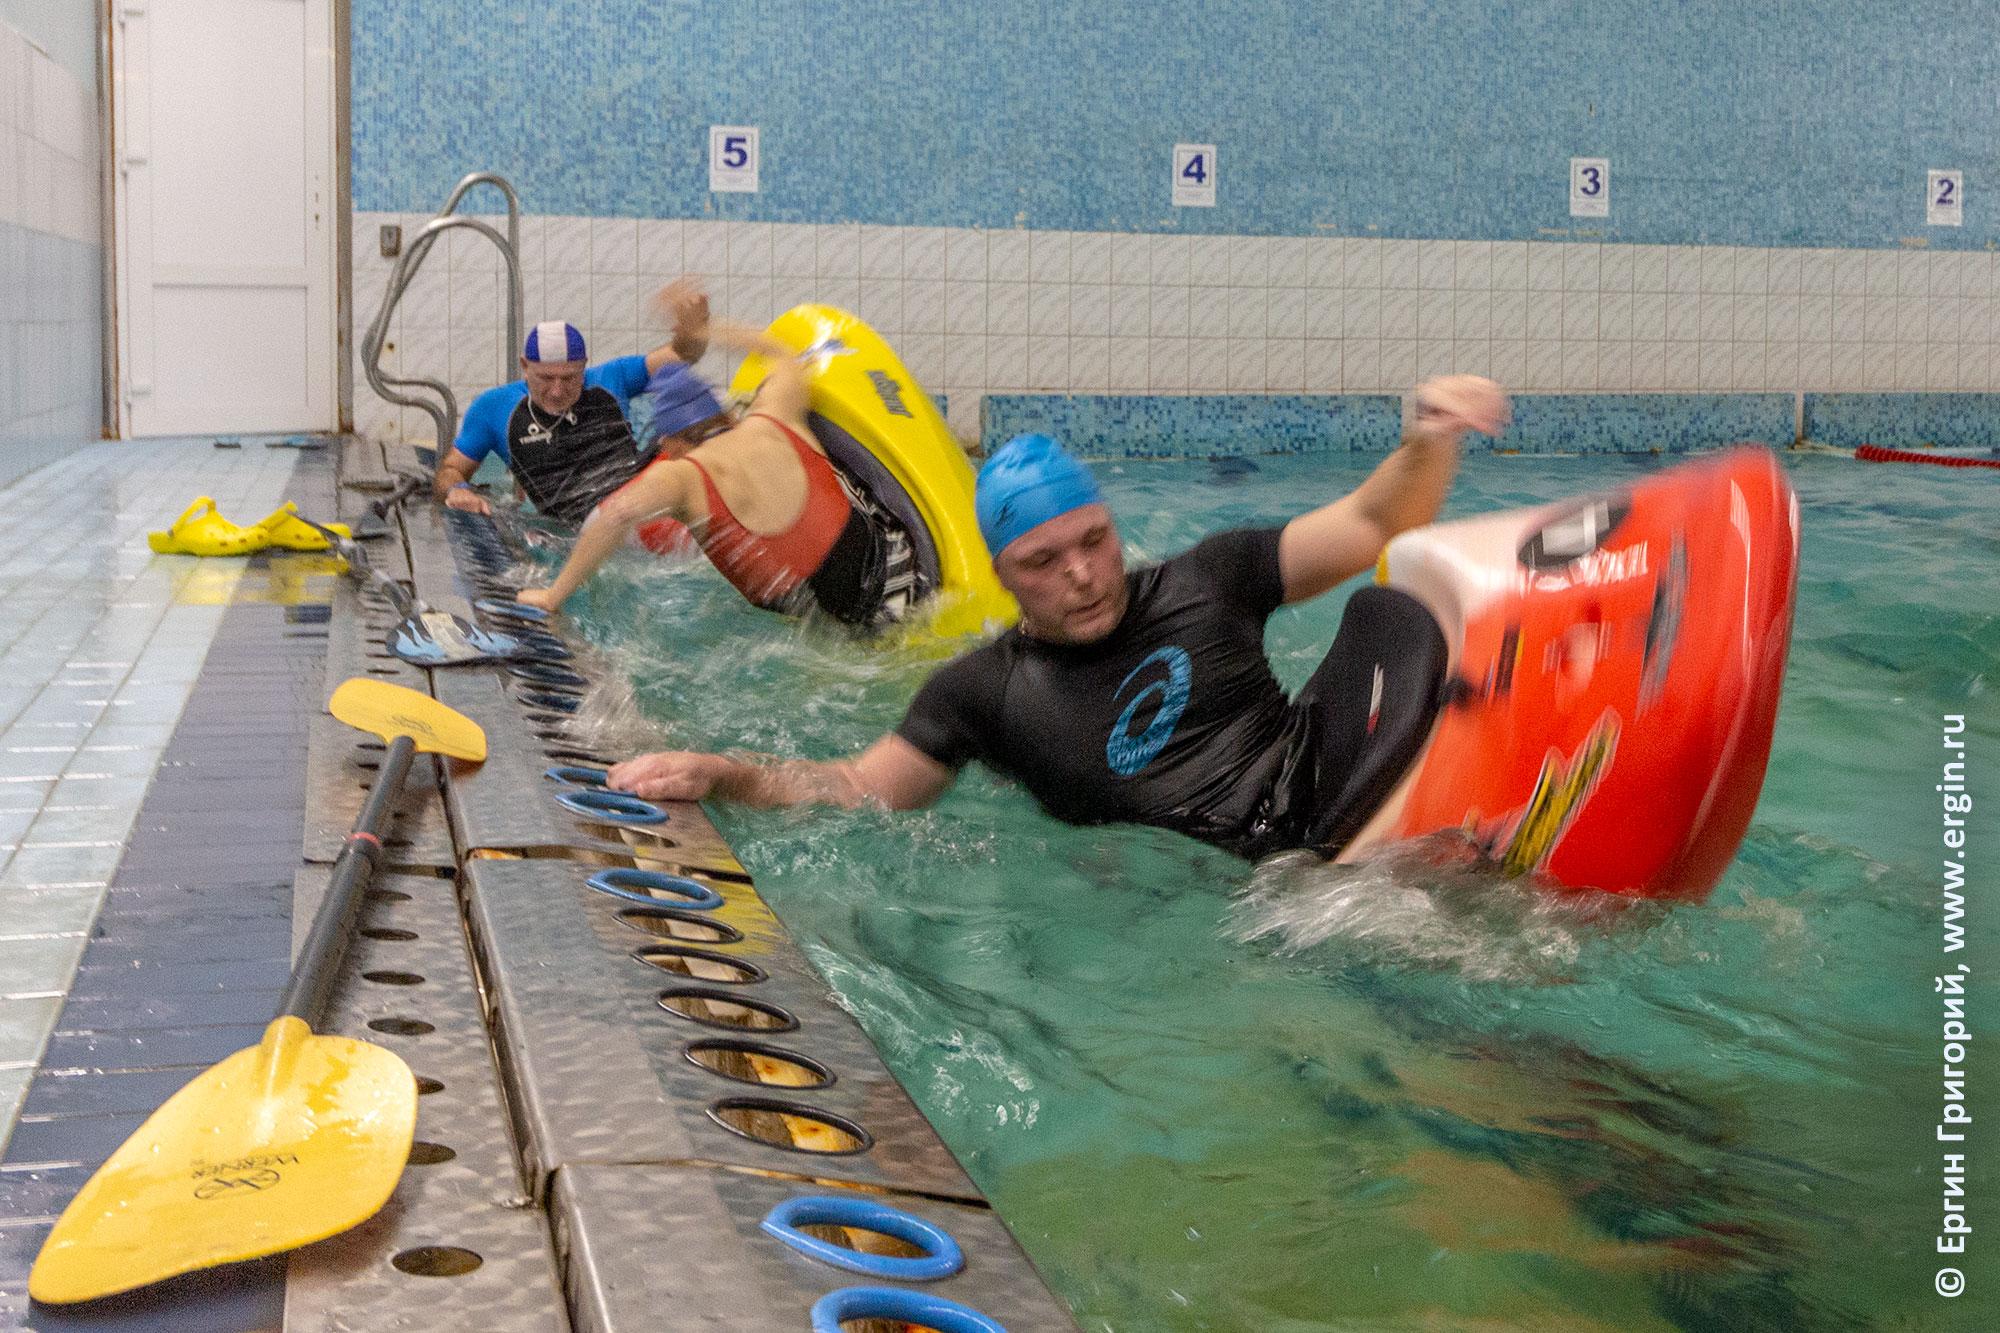 Фристайл на бурной воде на каяках тренировки в бассейне